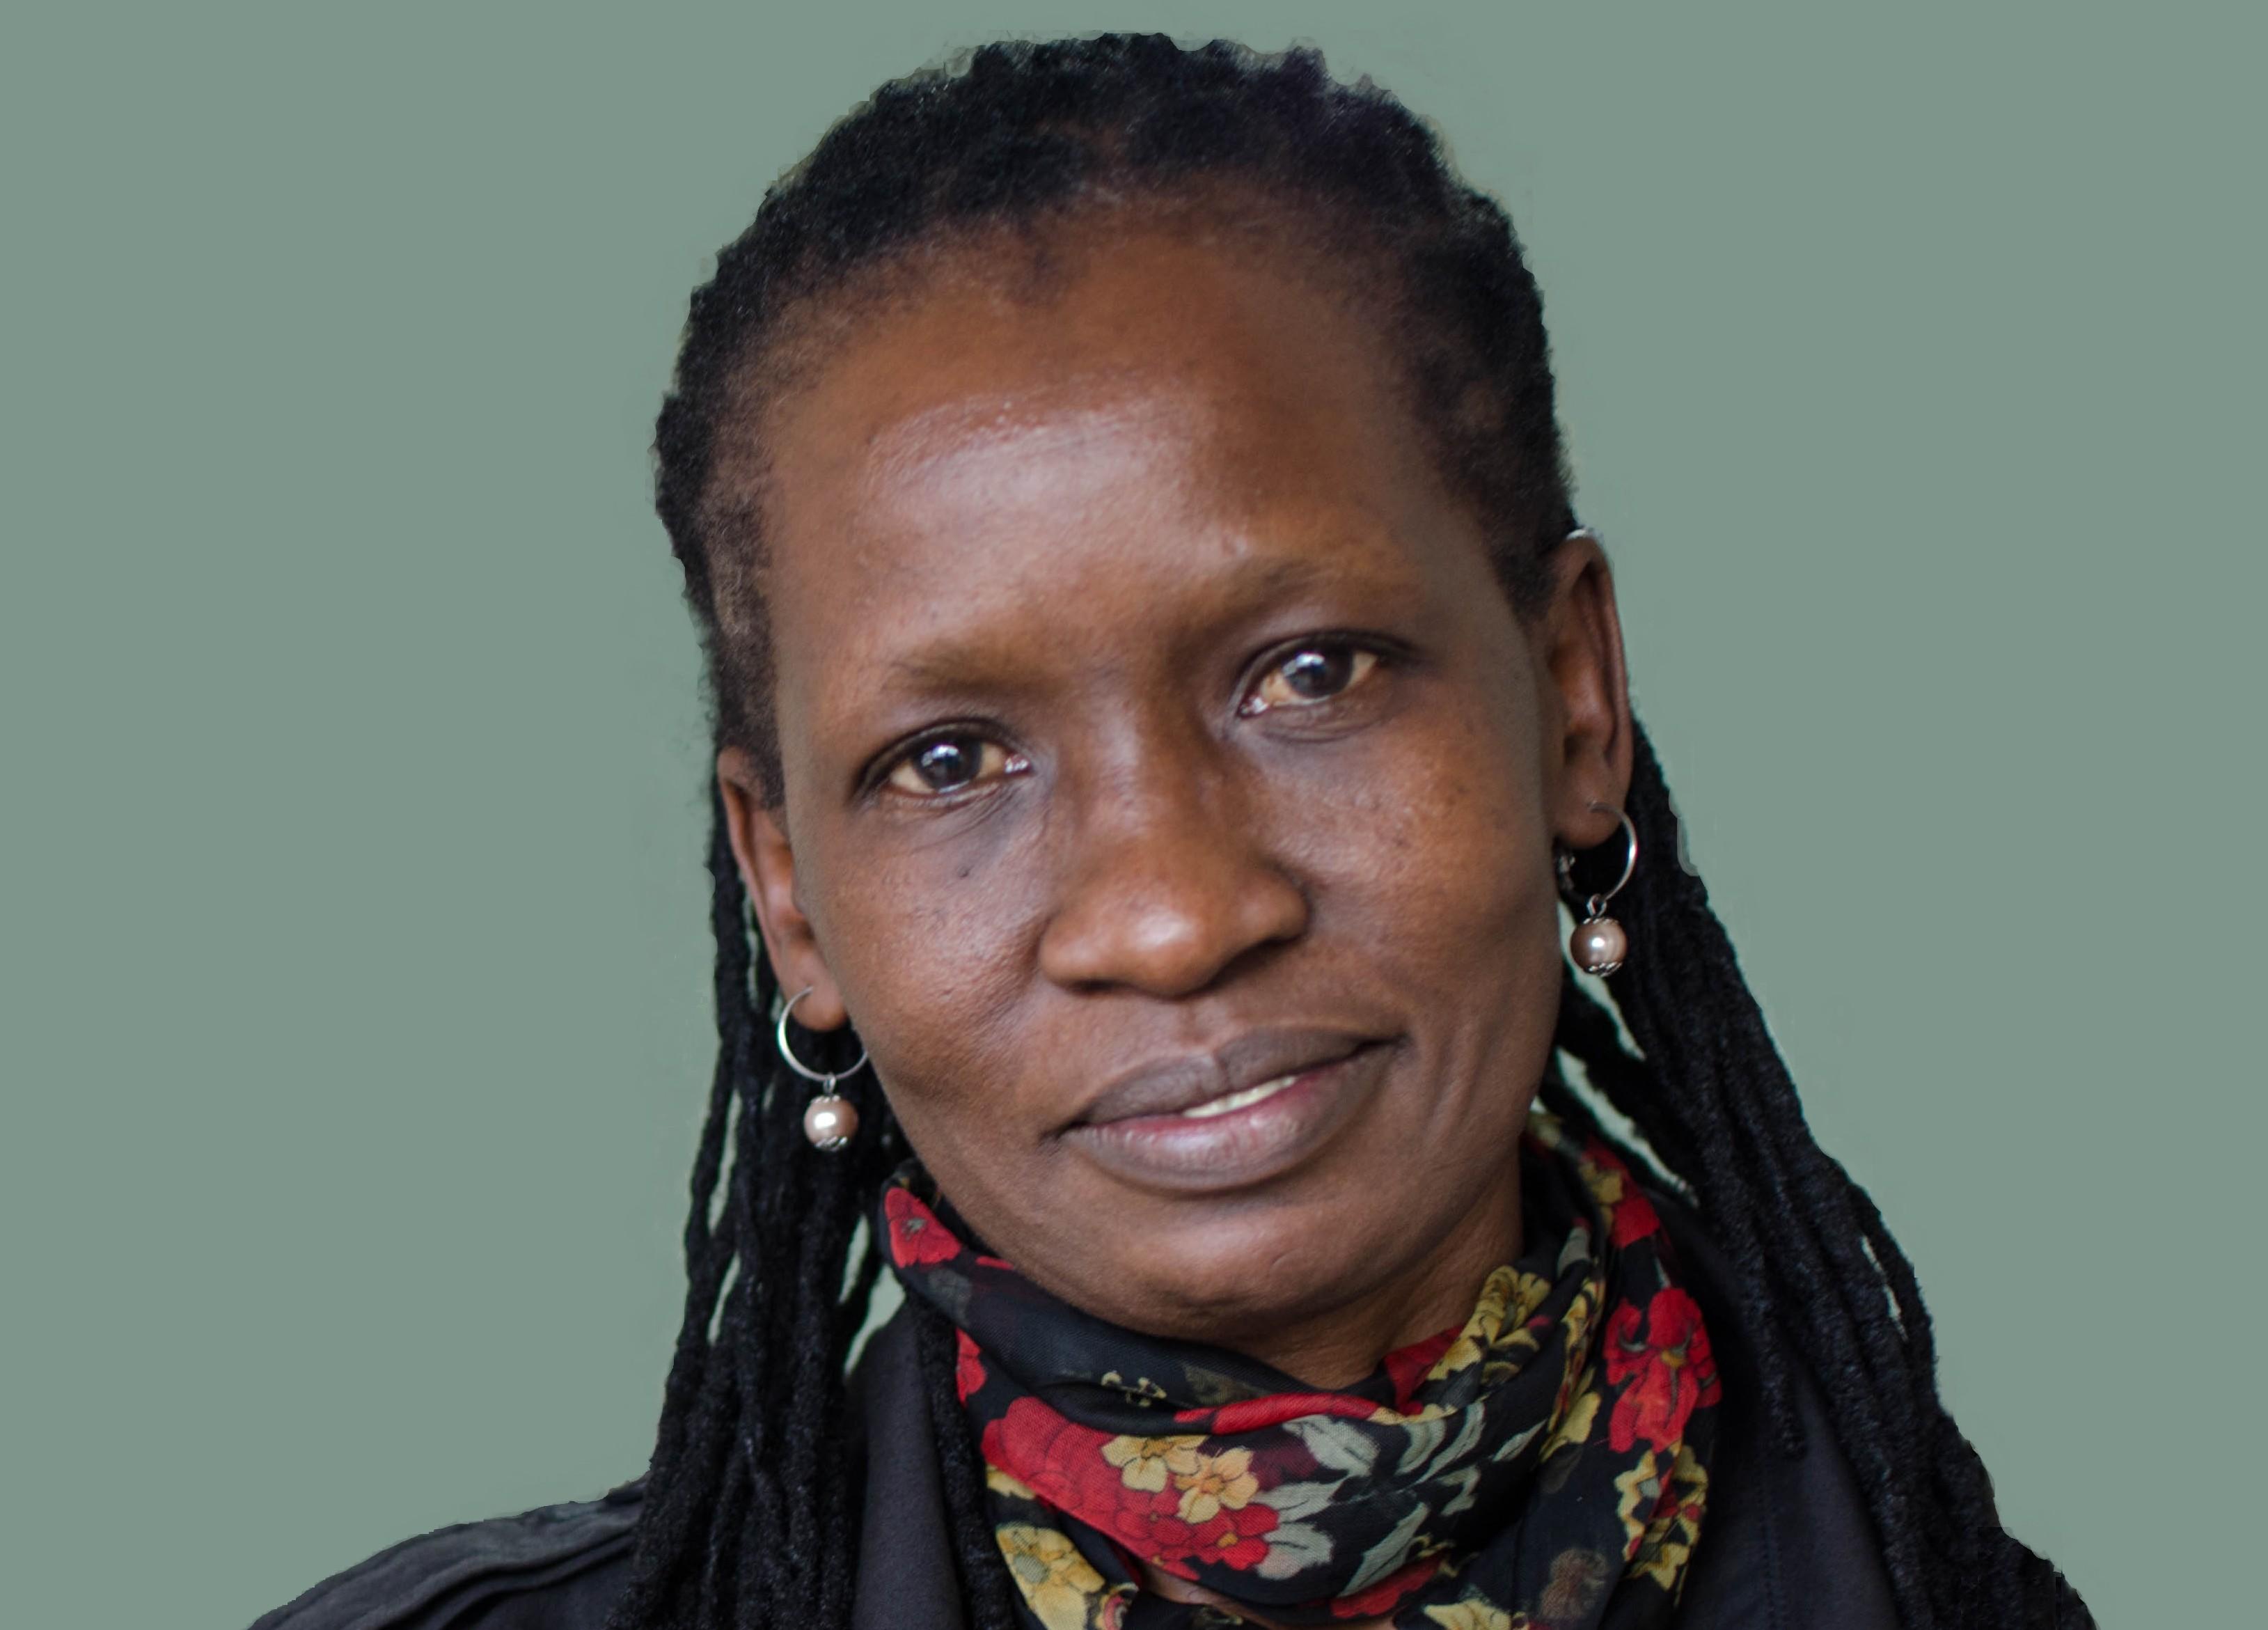 Pst. Beatrice Odongo